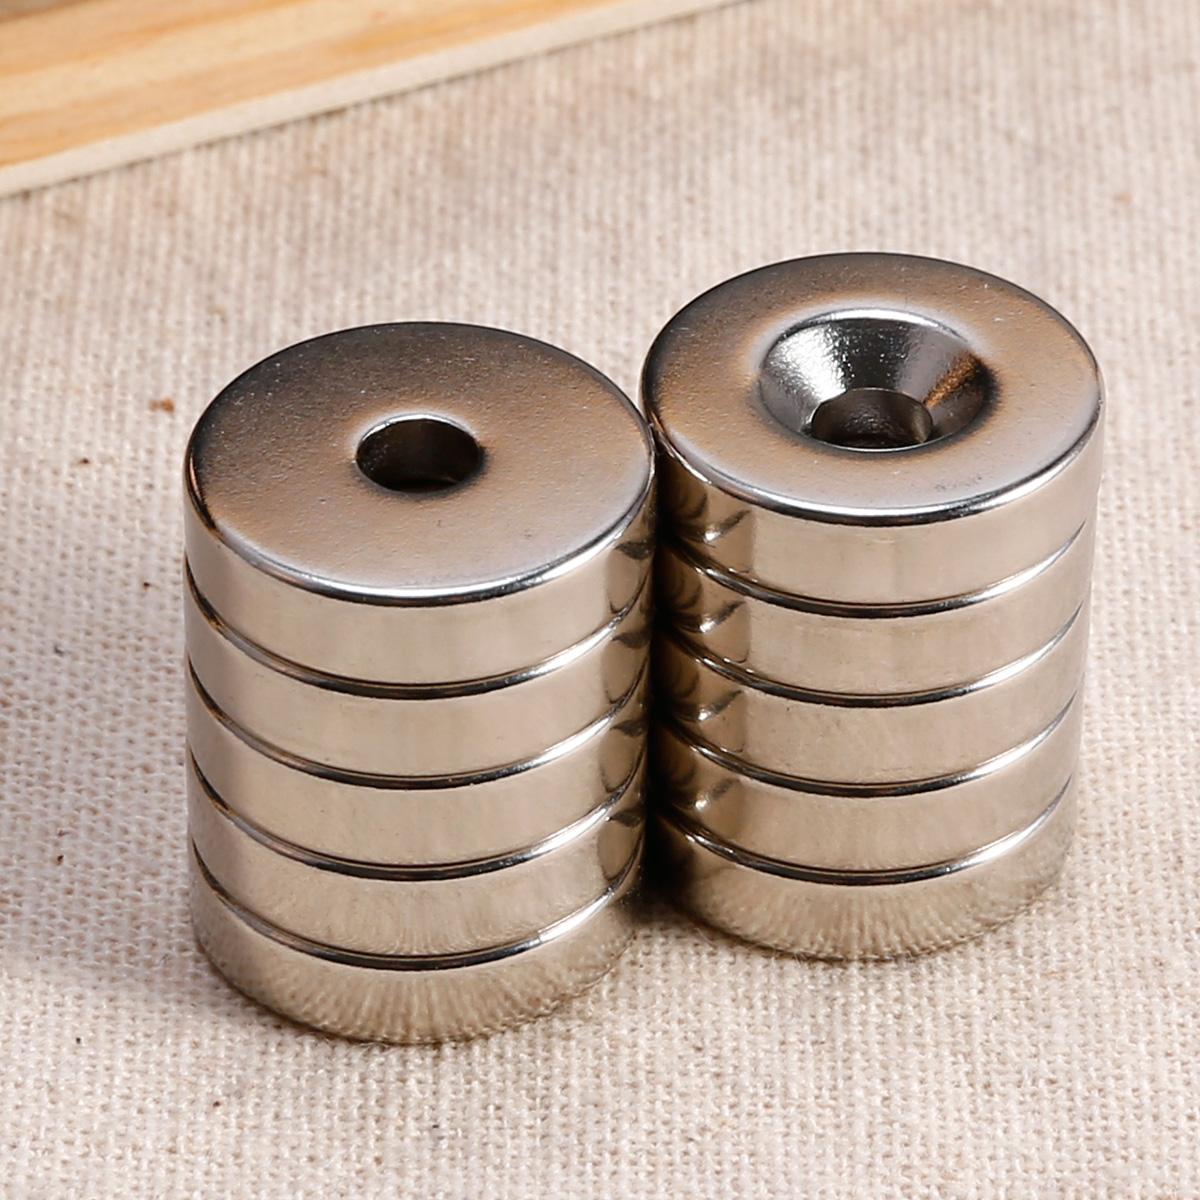 10er 20 5mm n50 neodym runde scheibe magnete mit loch pinnwand b ro ebay. Black Bedroom Furniture Sets. Home Design Ideas